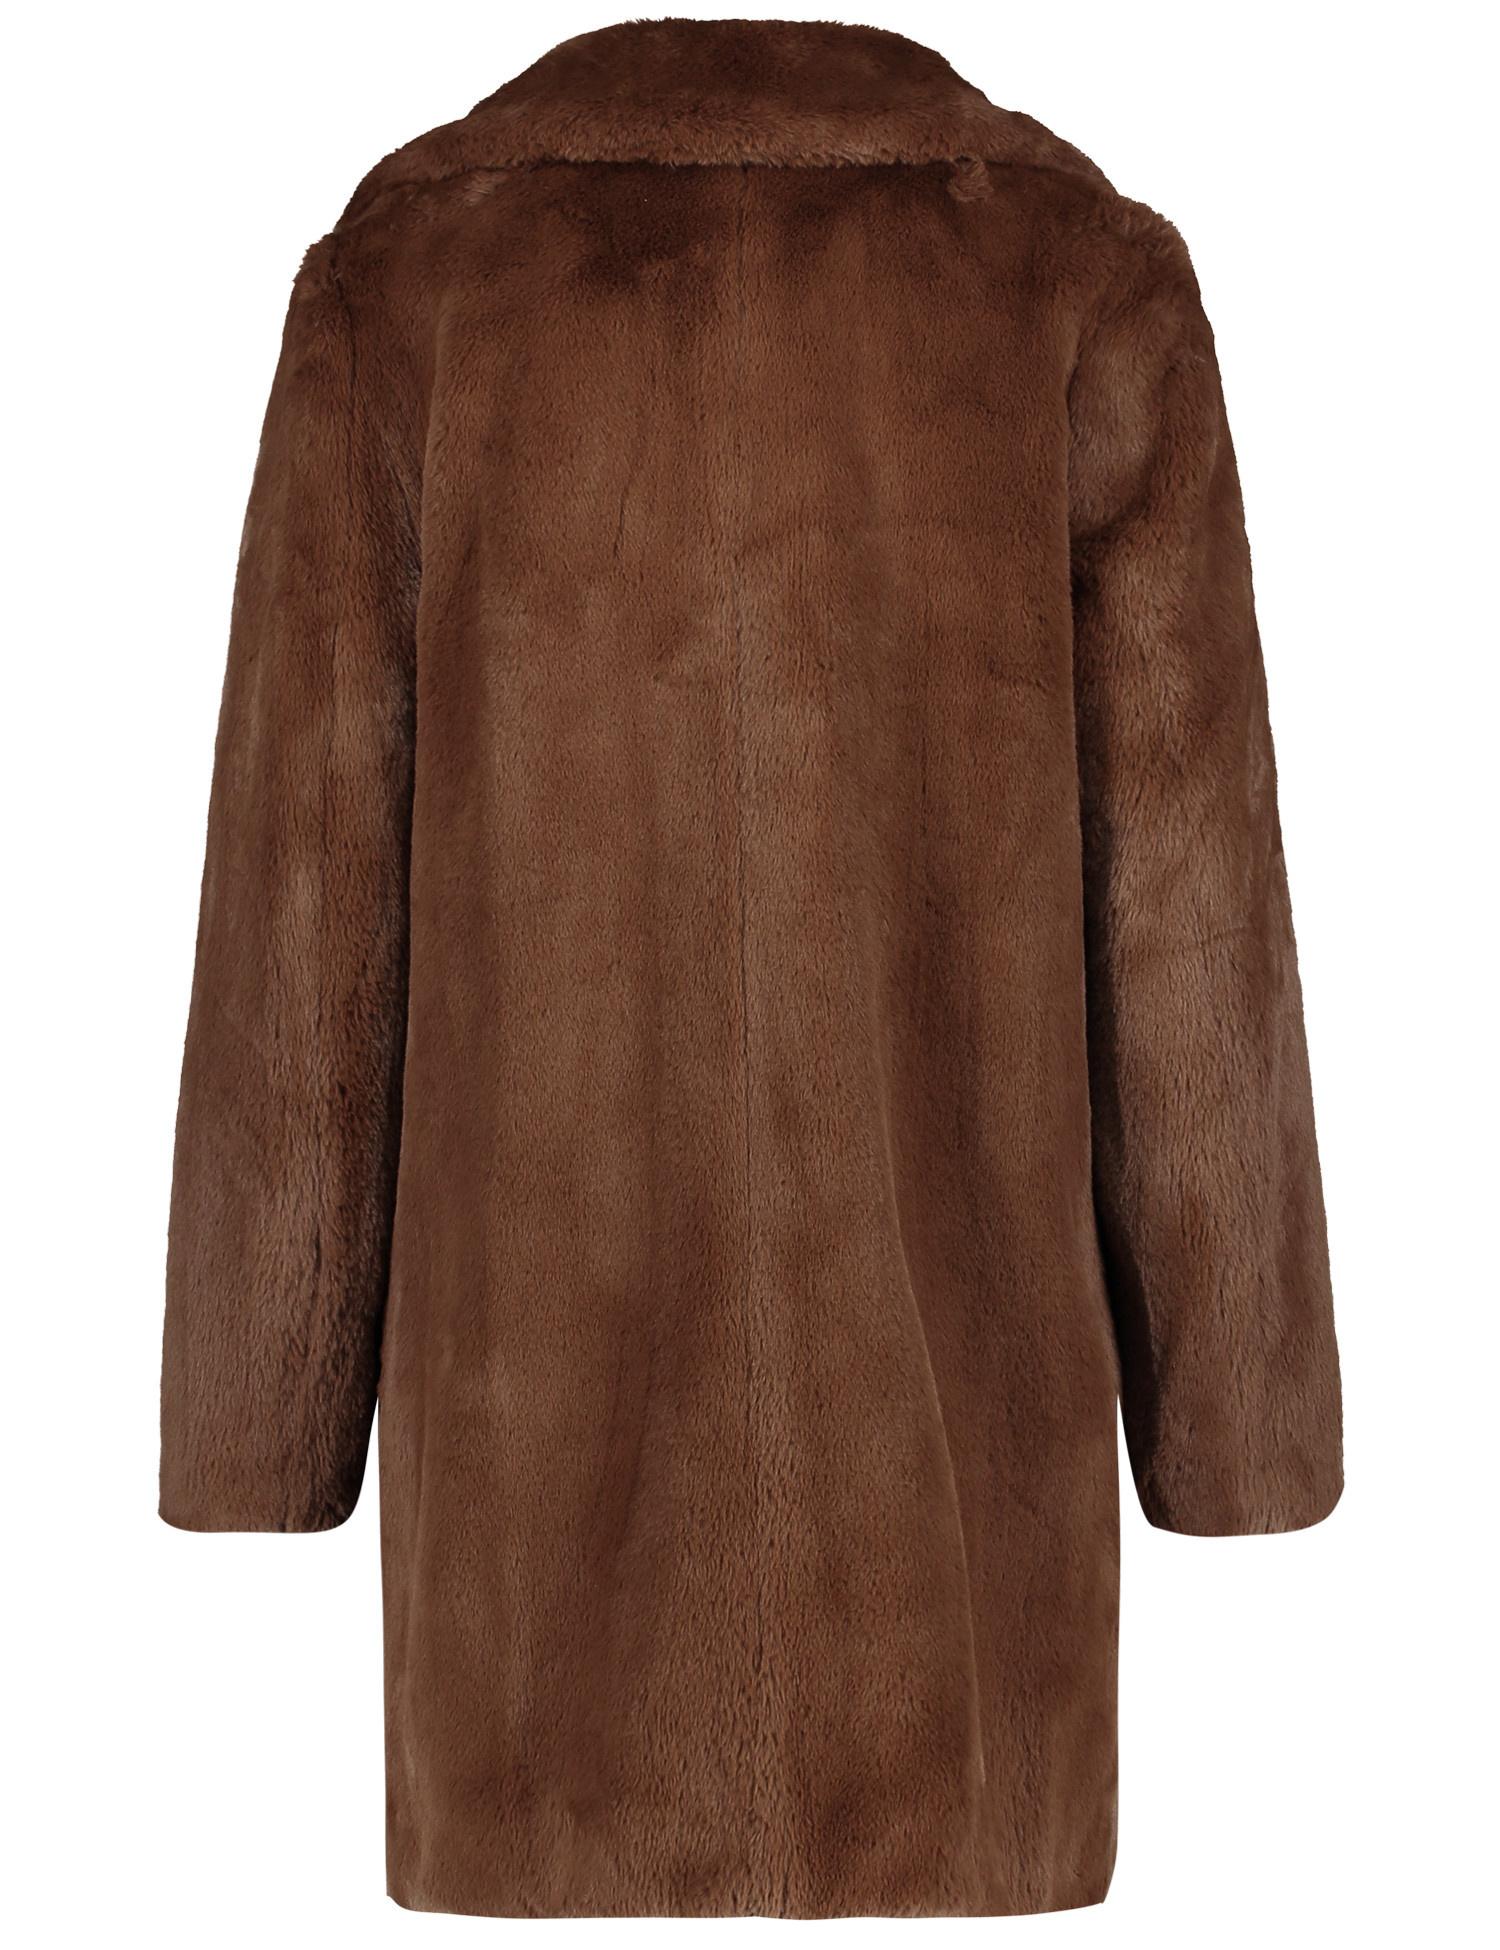 TAIFUN manteau en fausse fourrure douce court-3